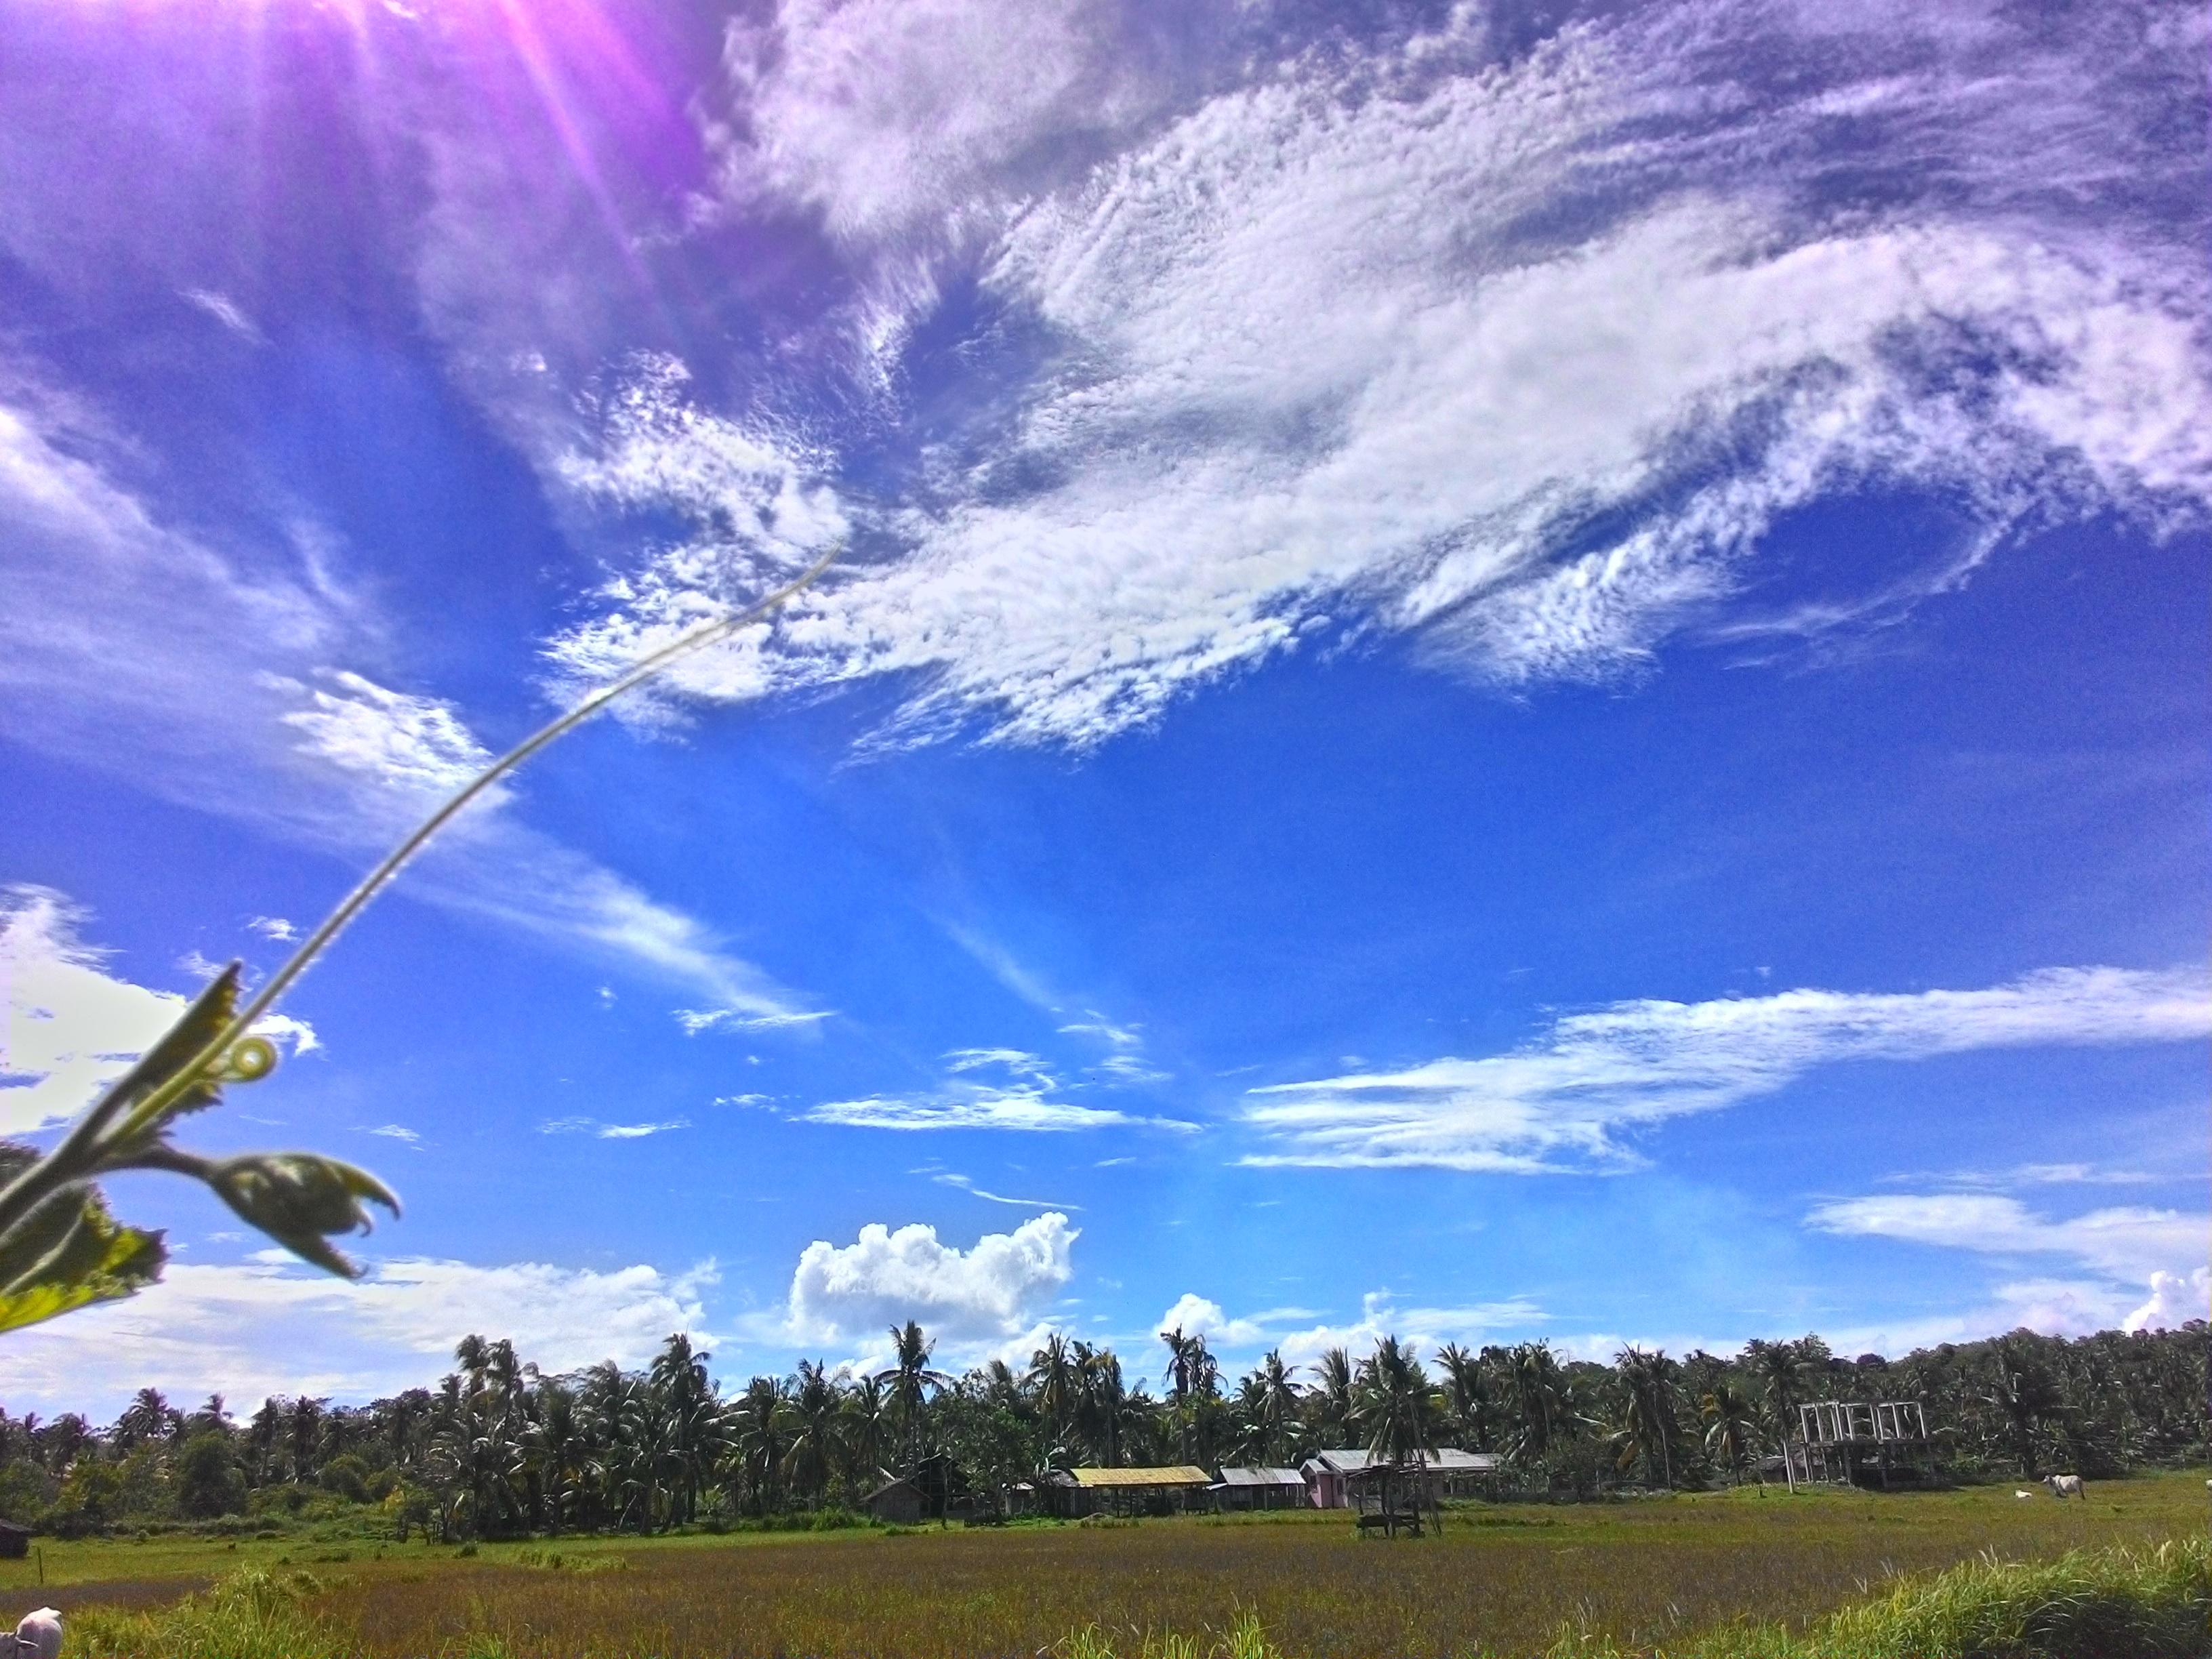 цветок лилейника картинки неба ветра солнца максимально подробный обзор